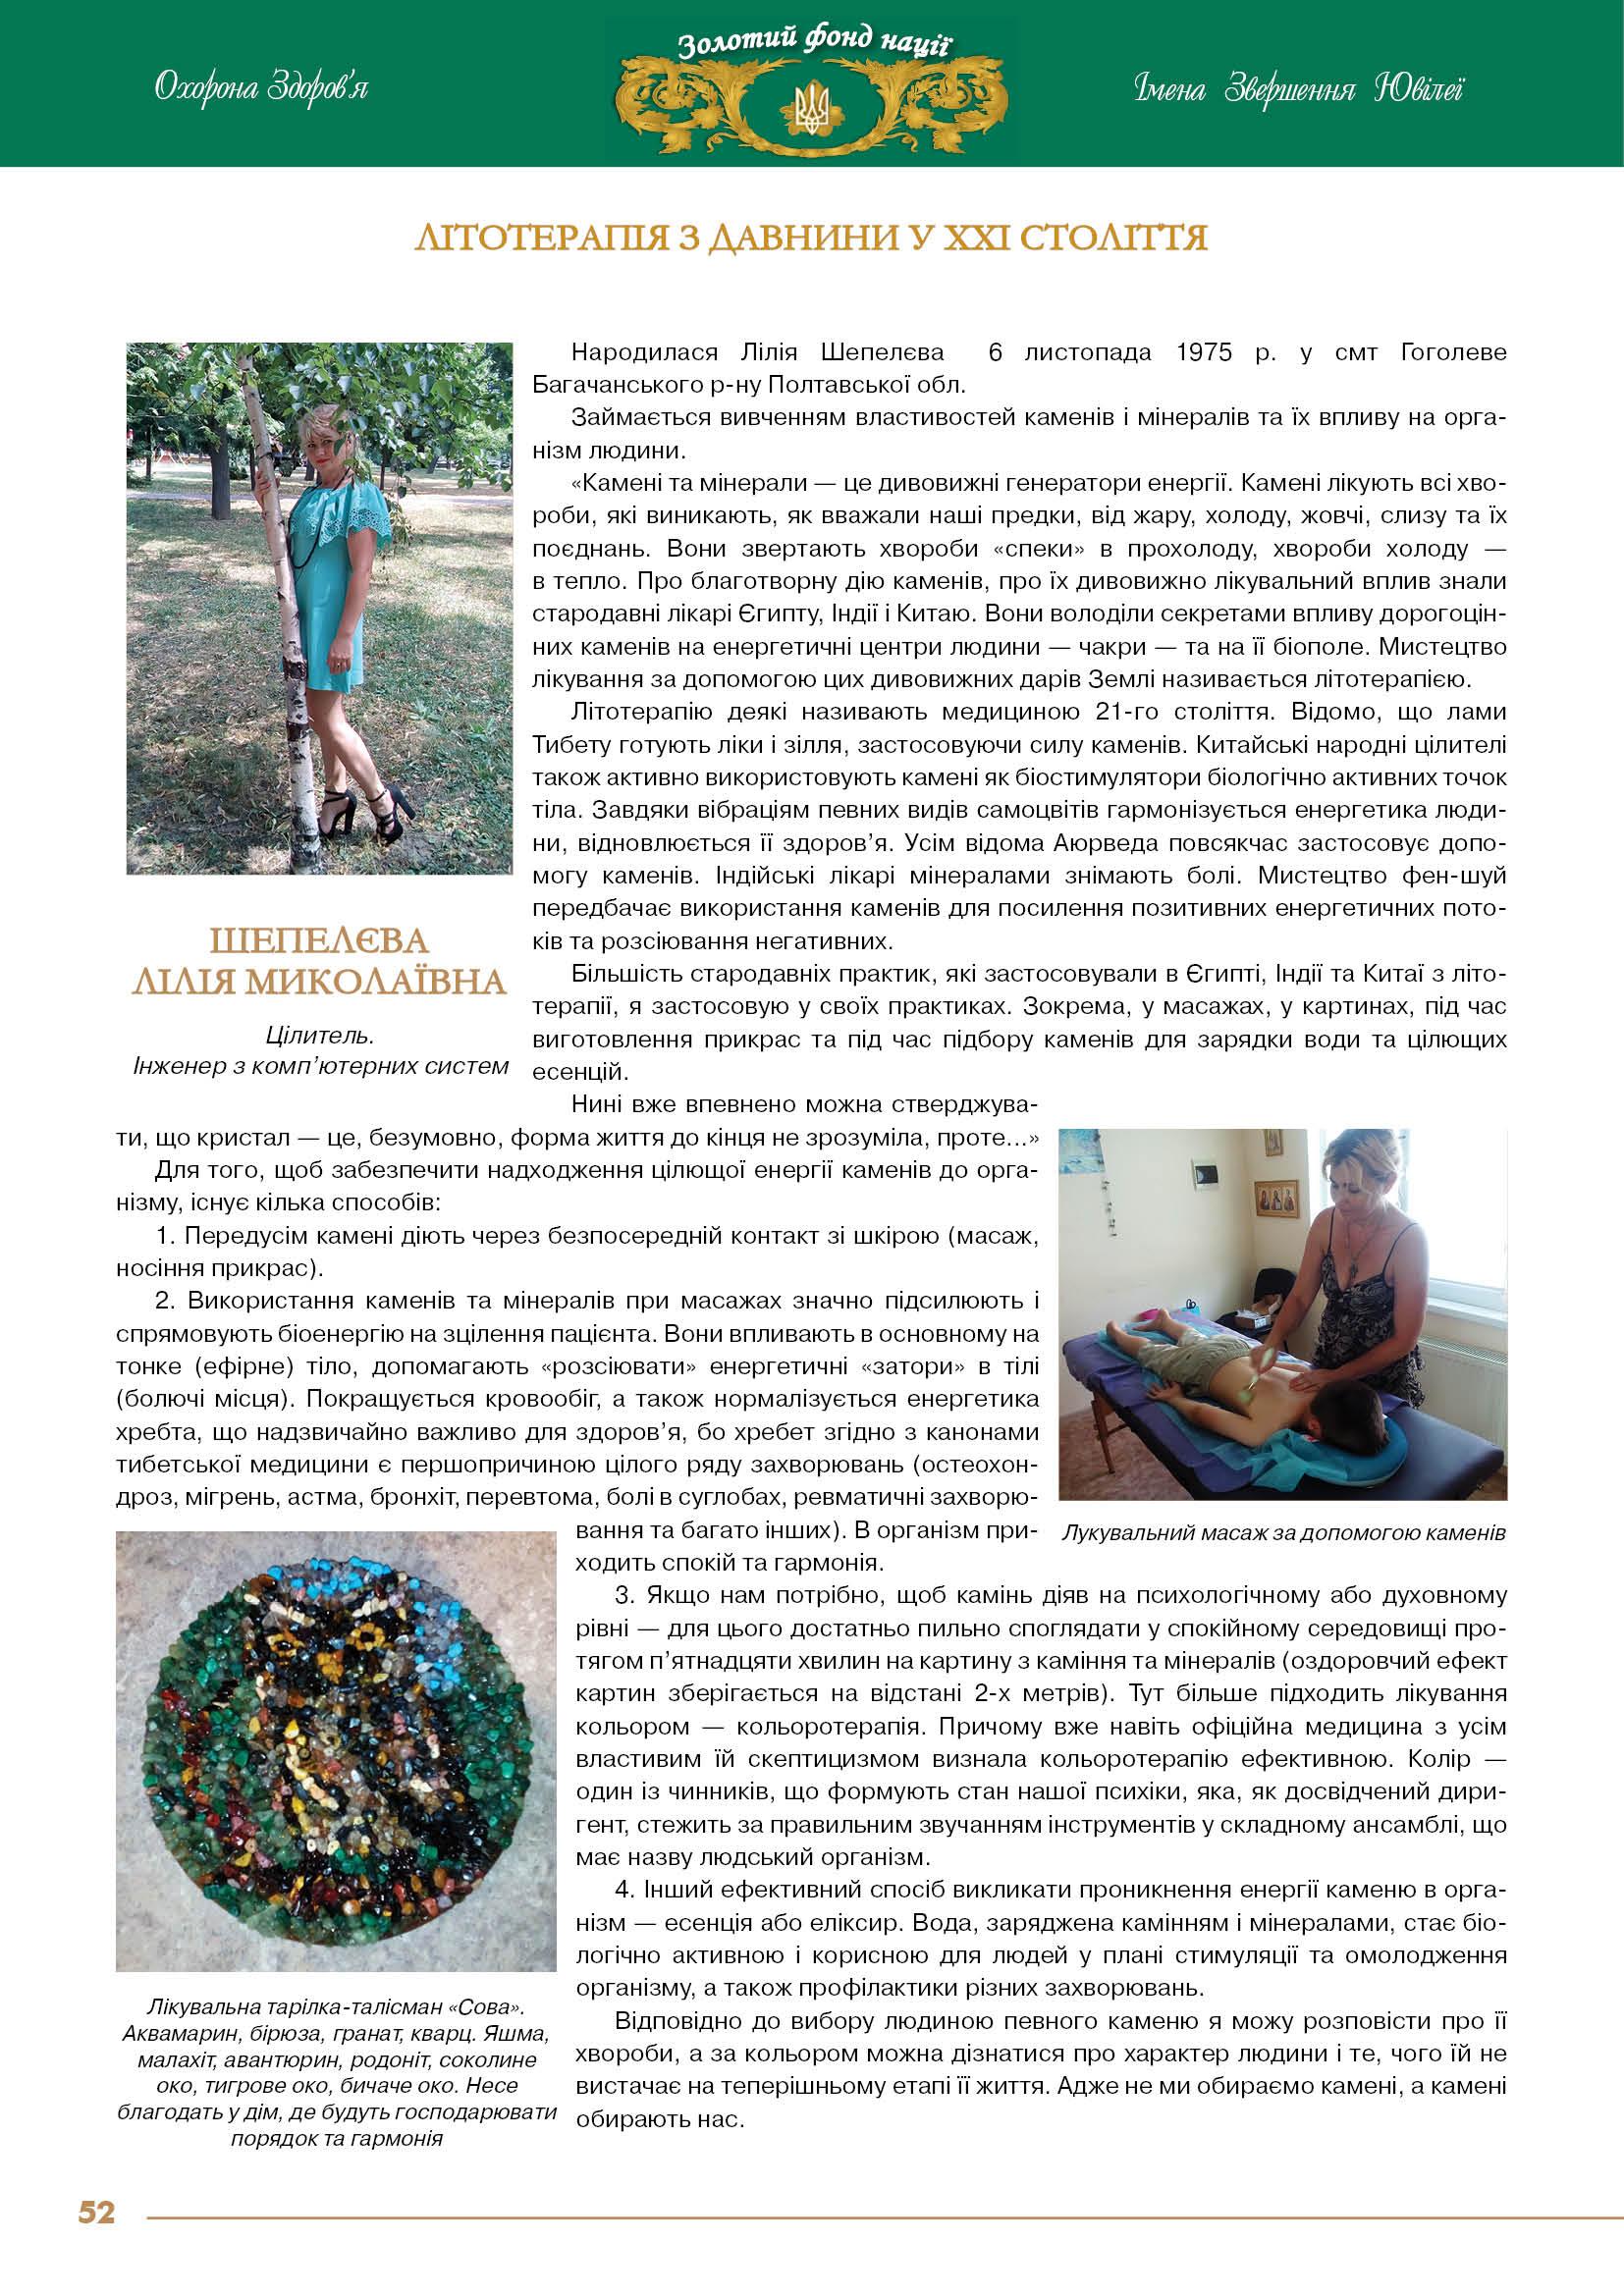 Шепелєва Лілія Миколаївна